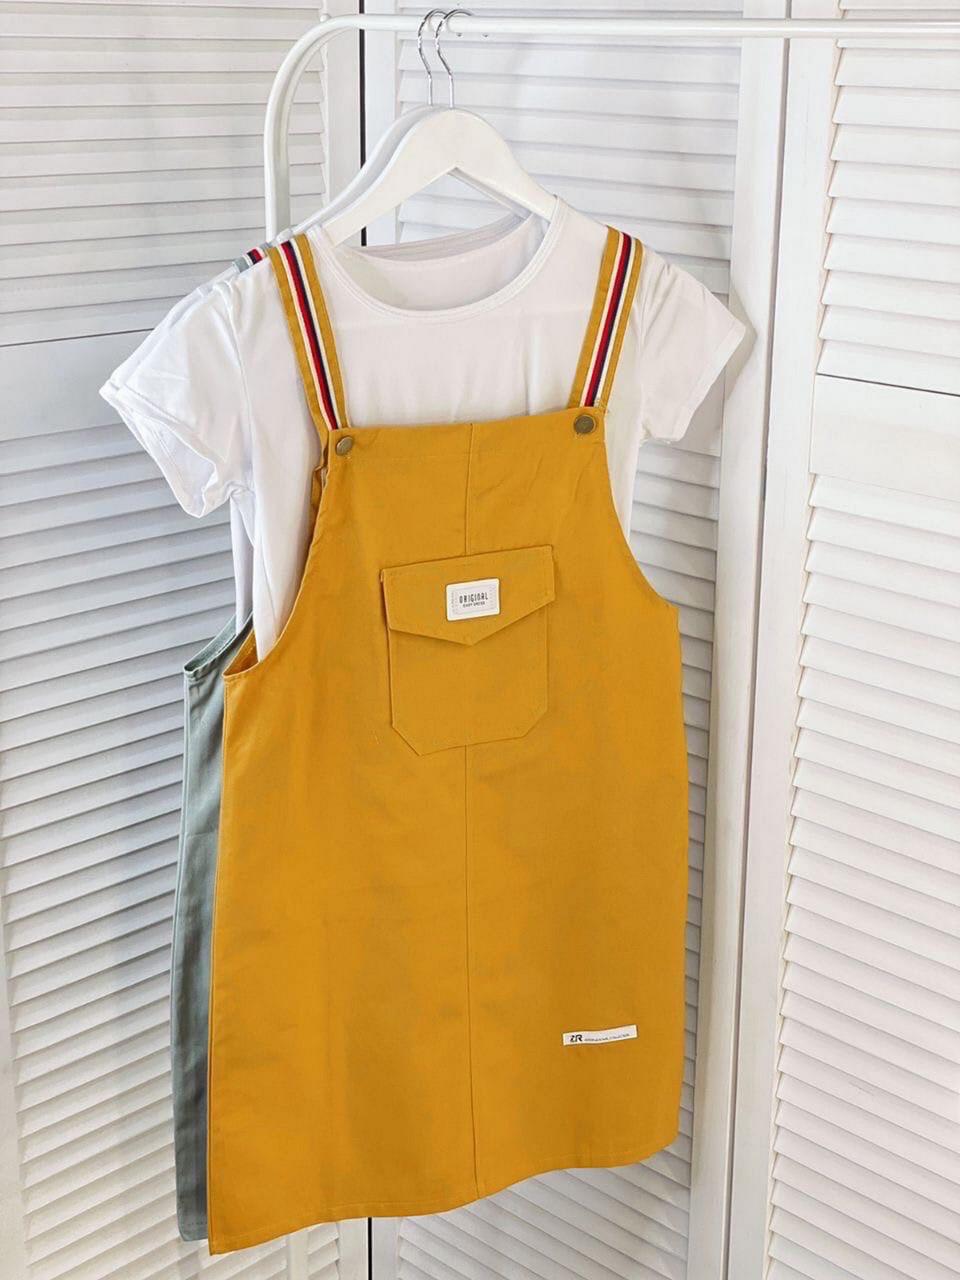 Літній жіночий комплект (футболка плюс короткий сарафан з кишенею на грудях), 00025 (Гірчичний), Розмір 44 (M)